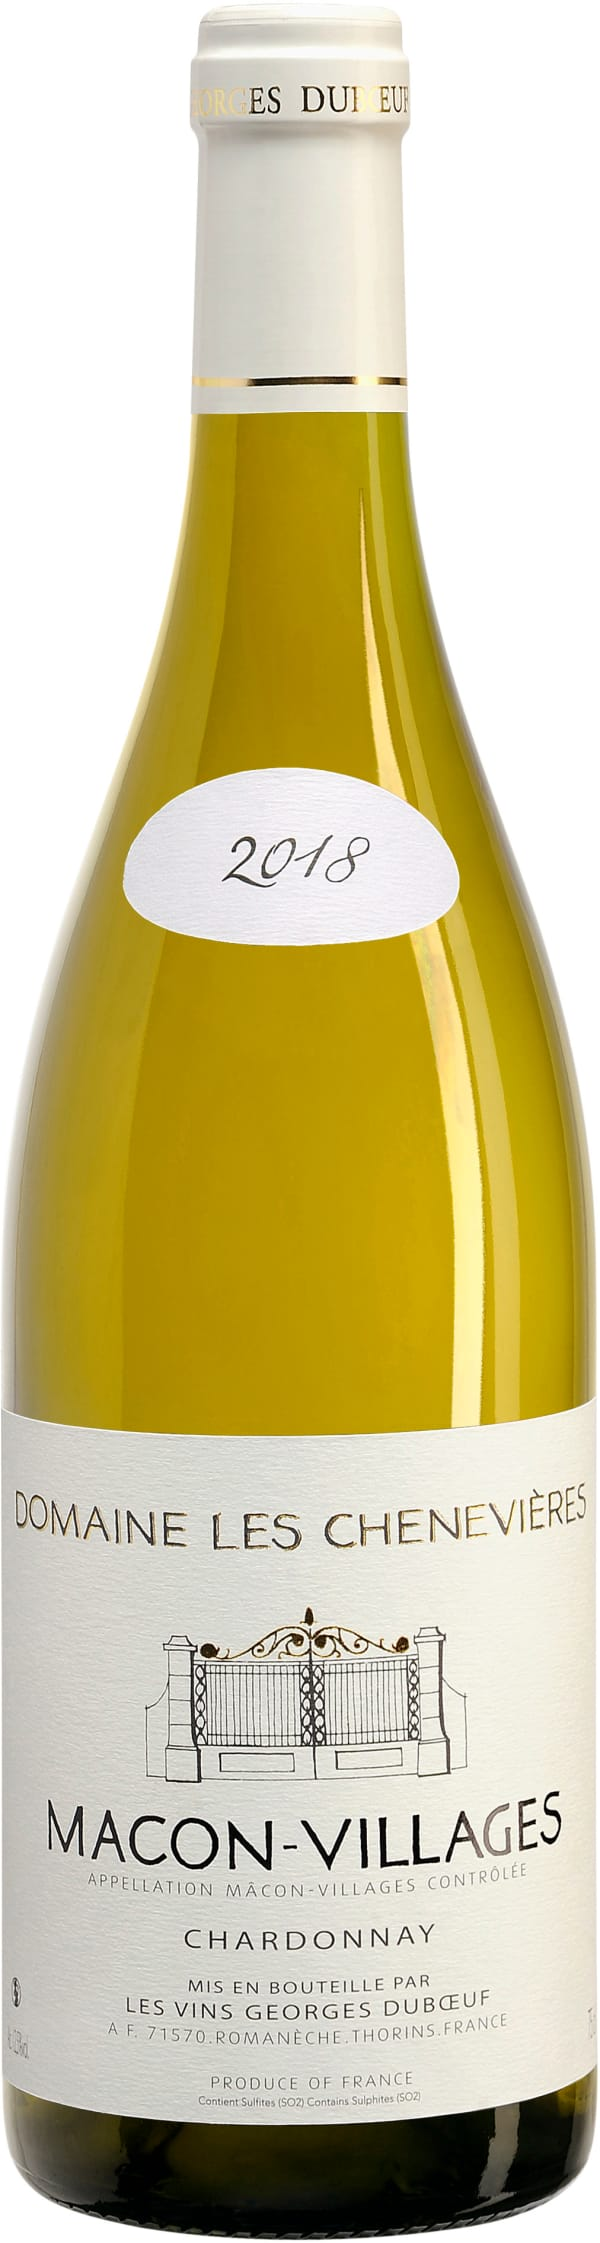 Domaine Les Chenevières Mâcon Blanc Villages Chardonnay 2018